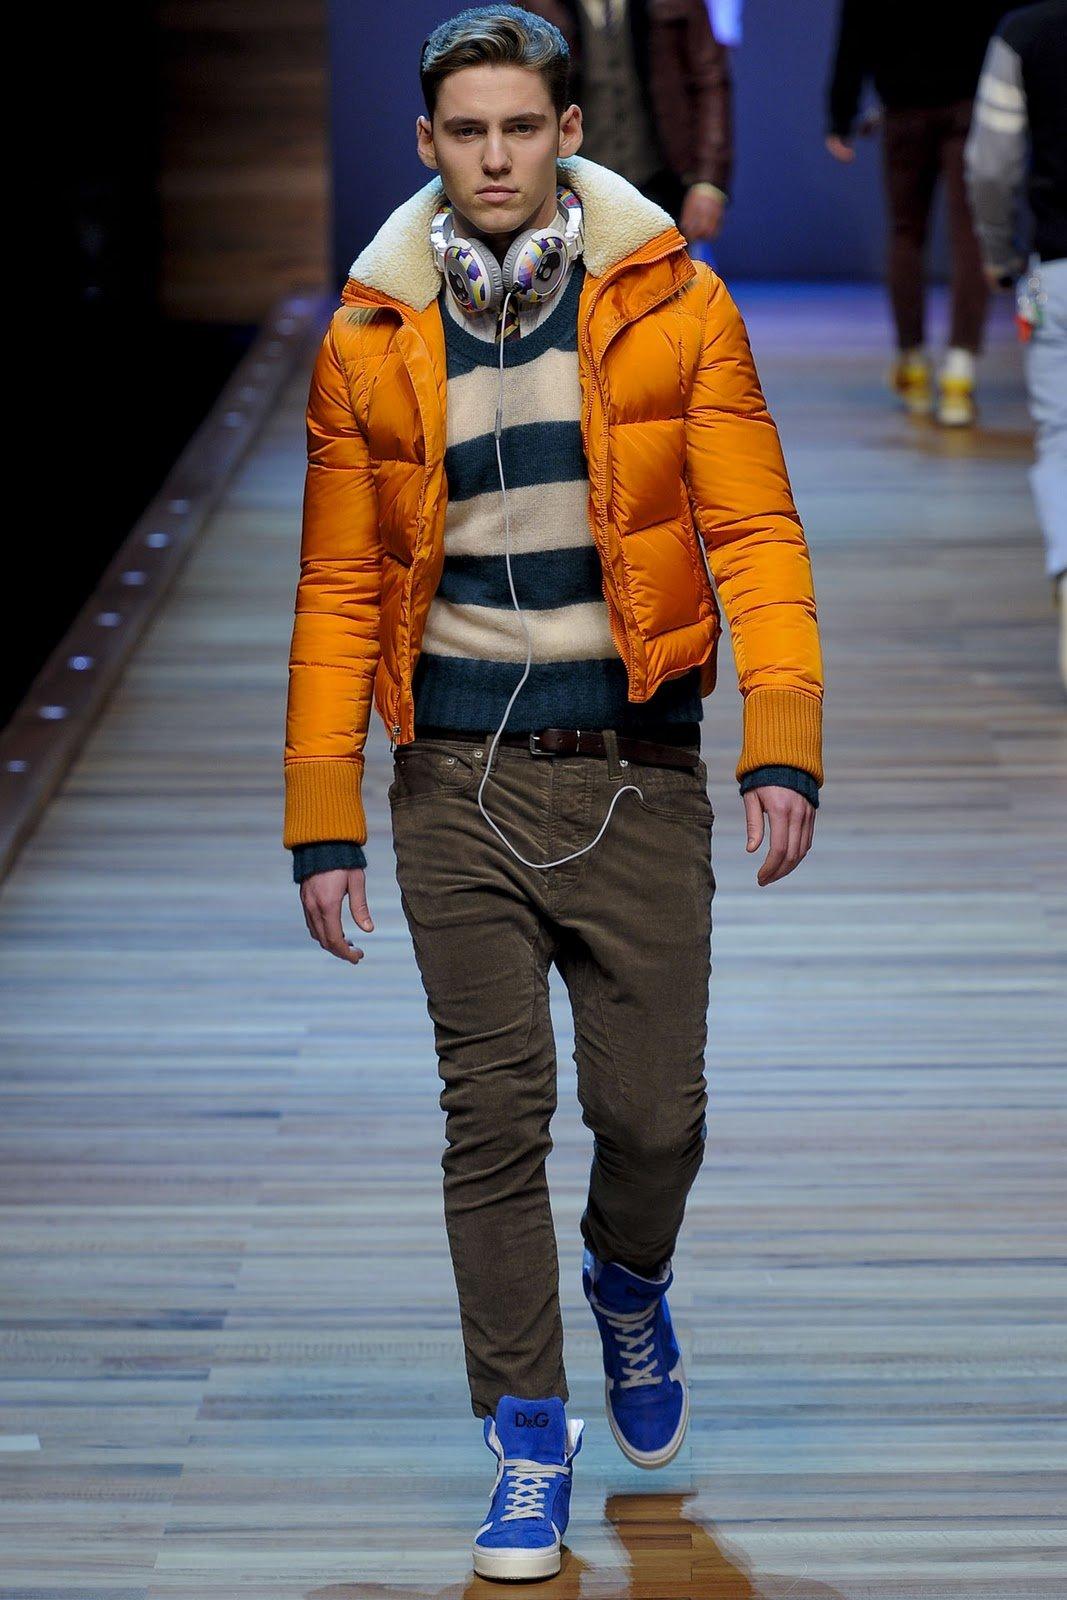 фото как модно одеться зимой мужчине должна быть